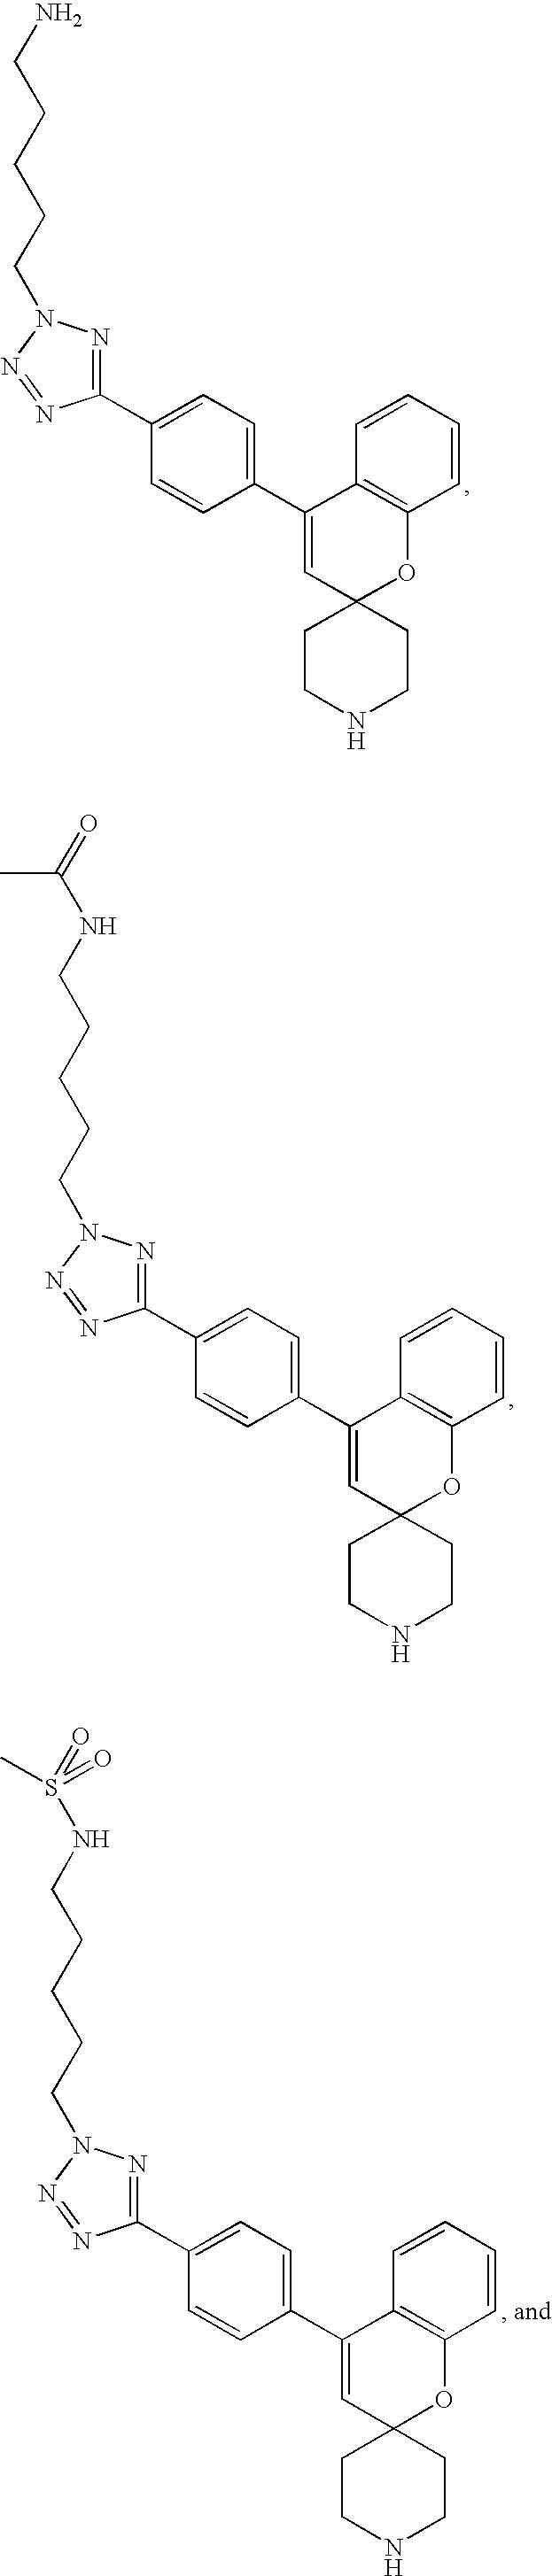 Figure US20100029614A1-20100204-C00101